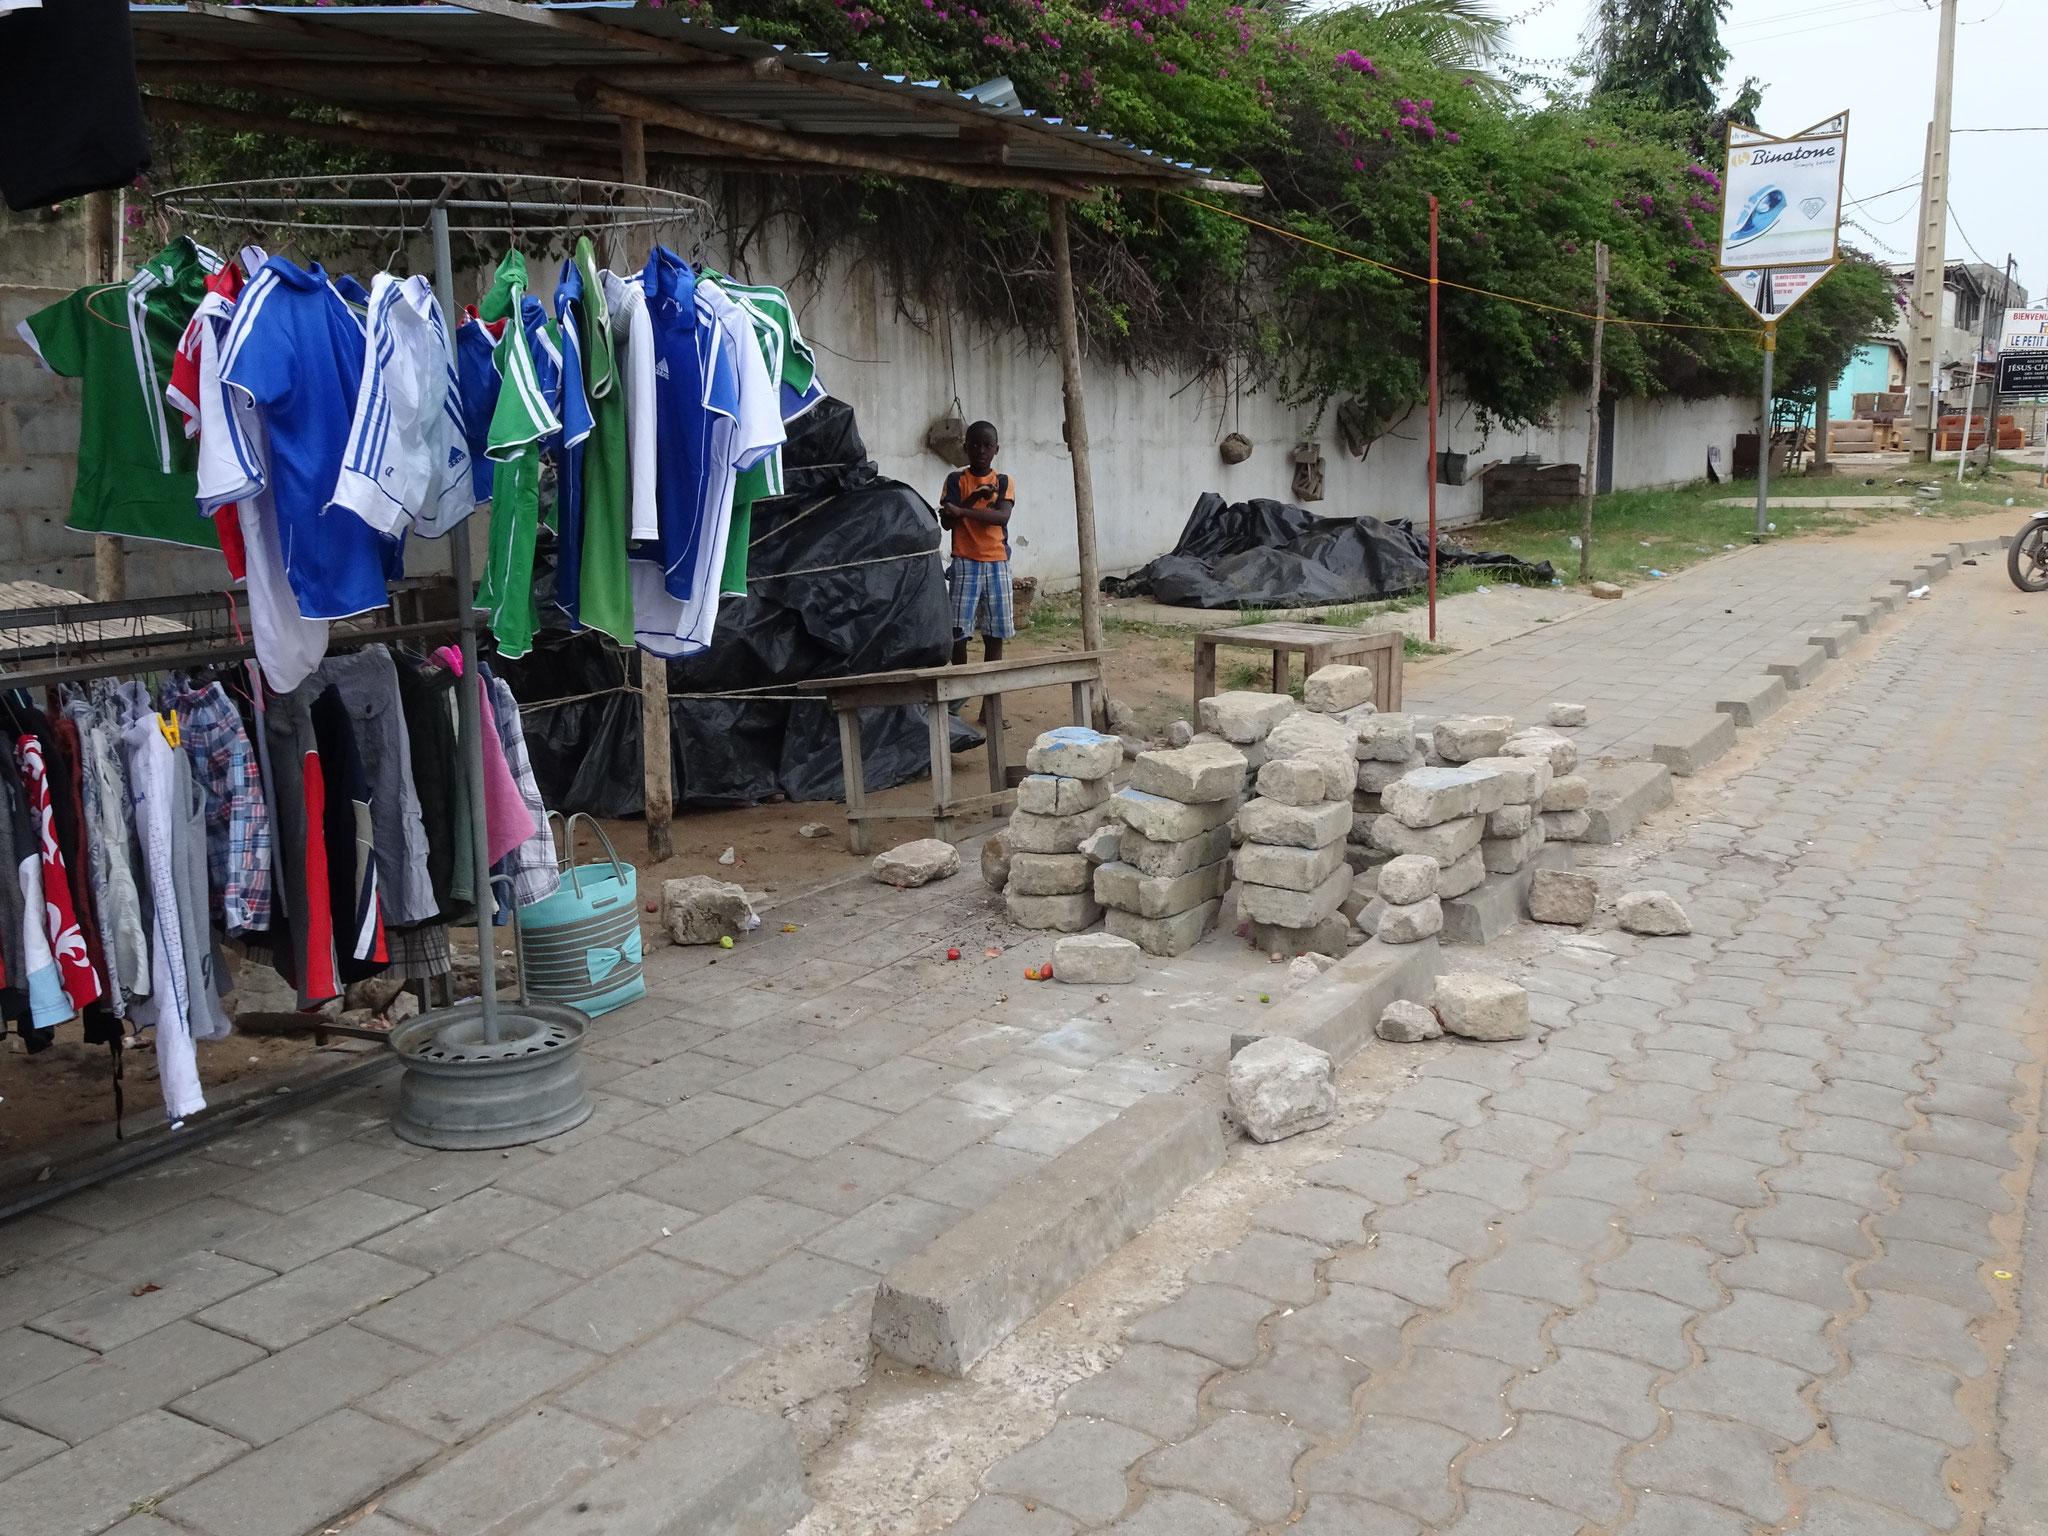 Die Marktfrau hat das Trottoir mit Backsteinen belegt. Sie wehrt sich so gegen rücksichtslose Motorradfahrer.